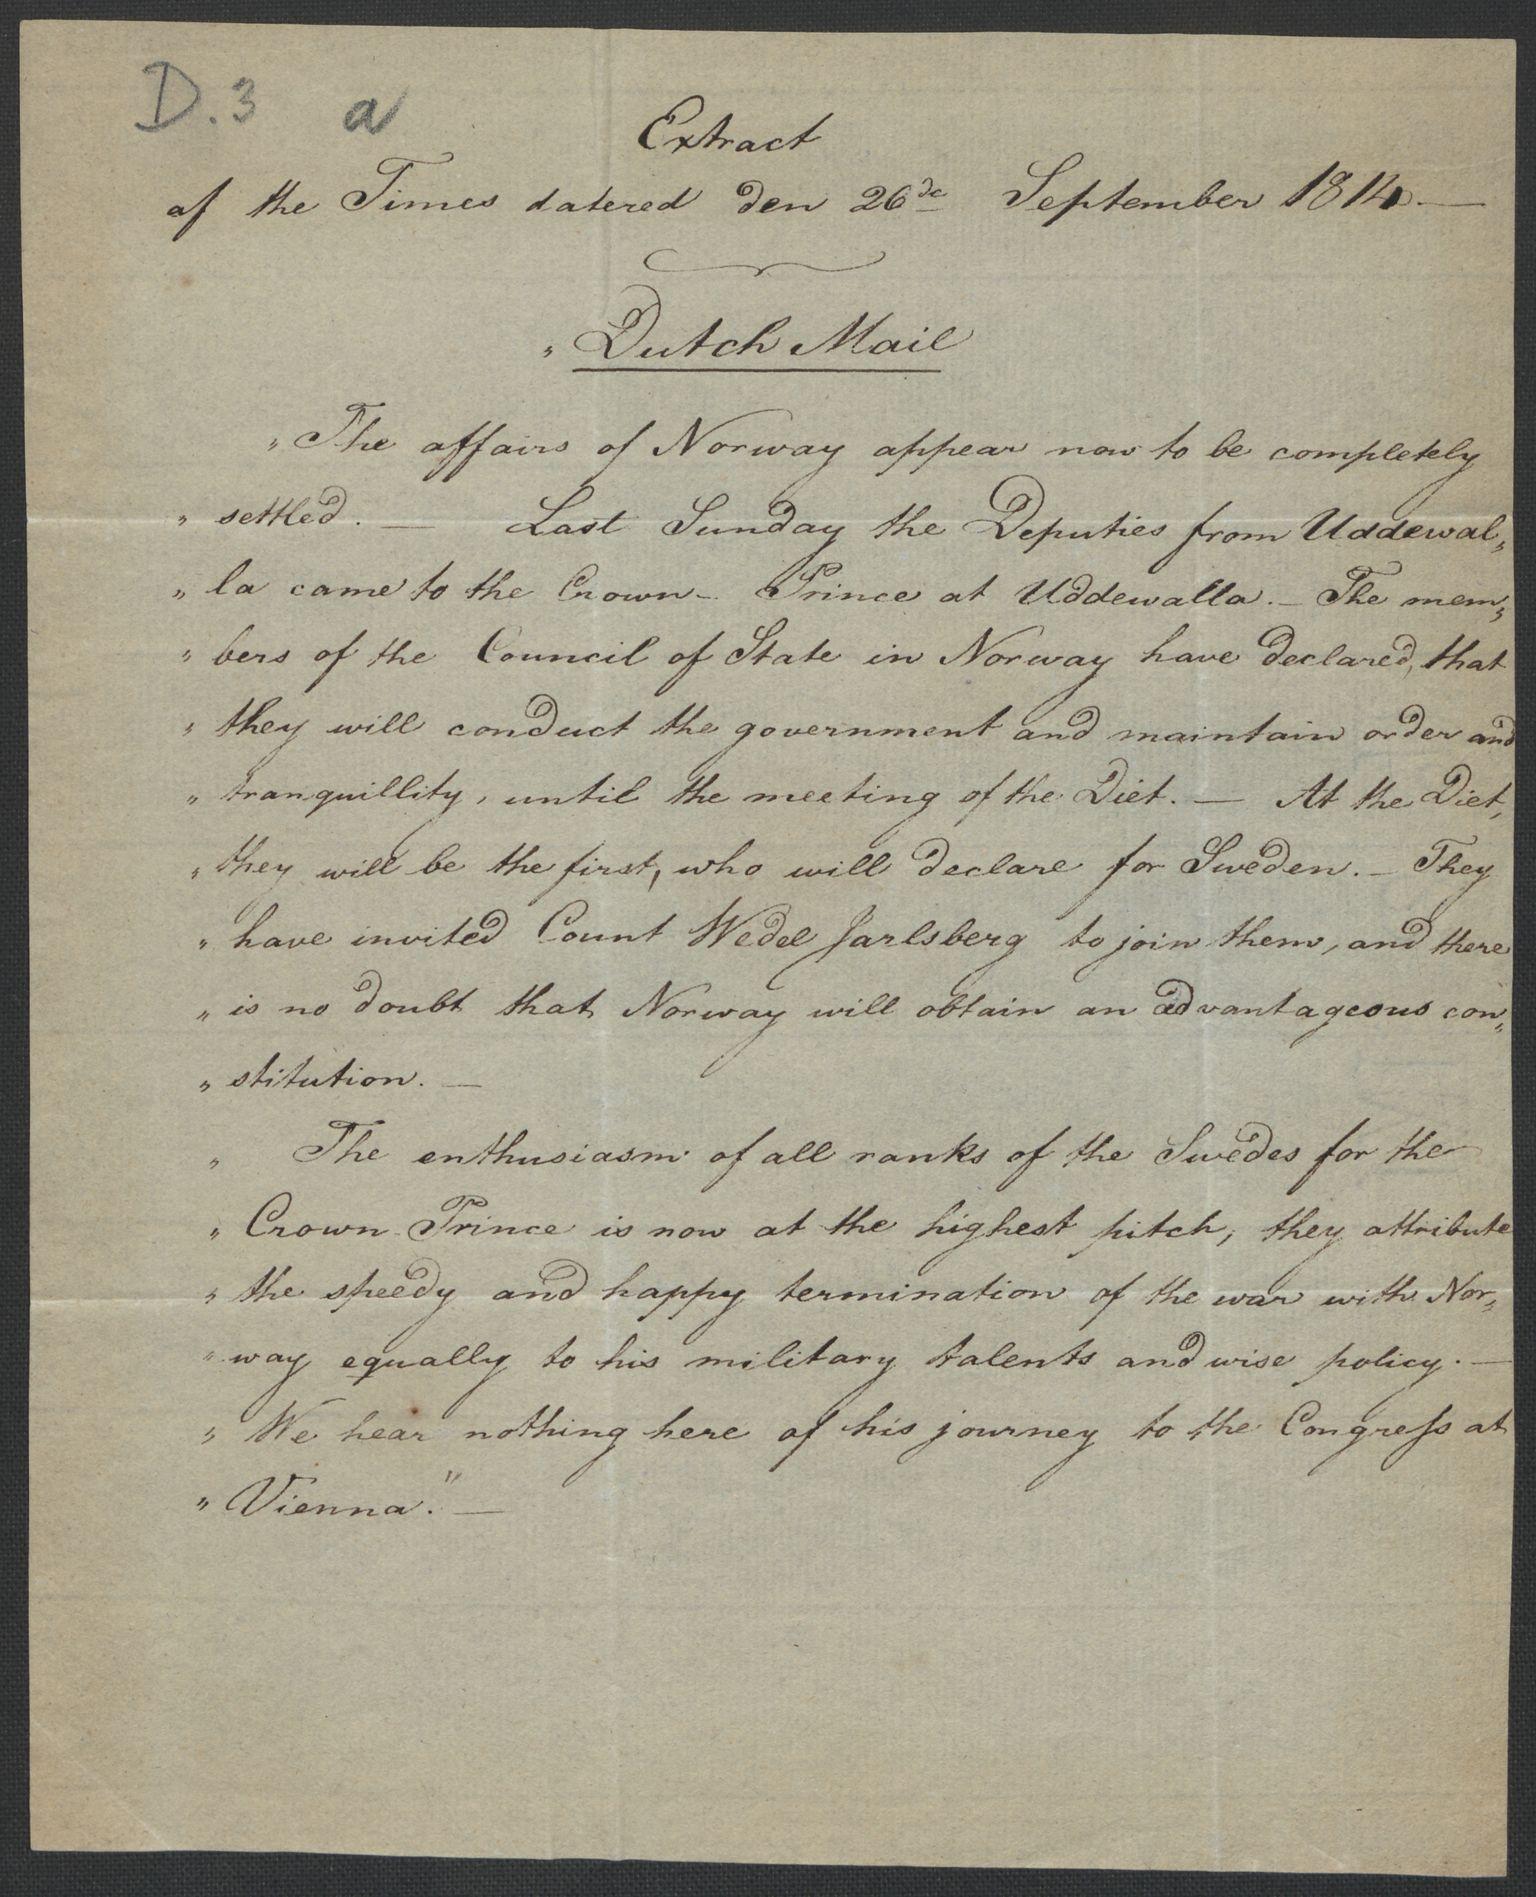 RA, Christie, Wilhelm Frimann Koren, F/L0004, 1814, s. 199